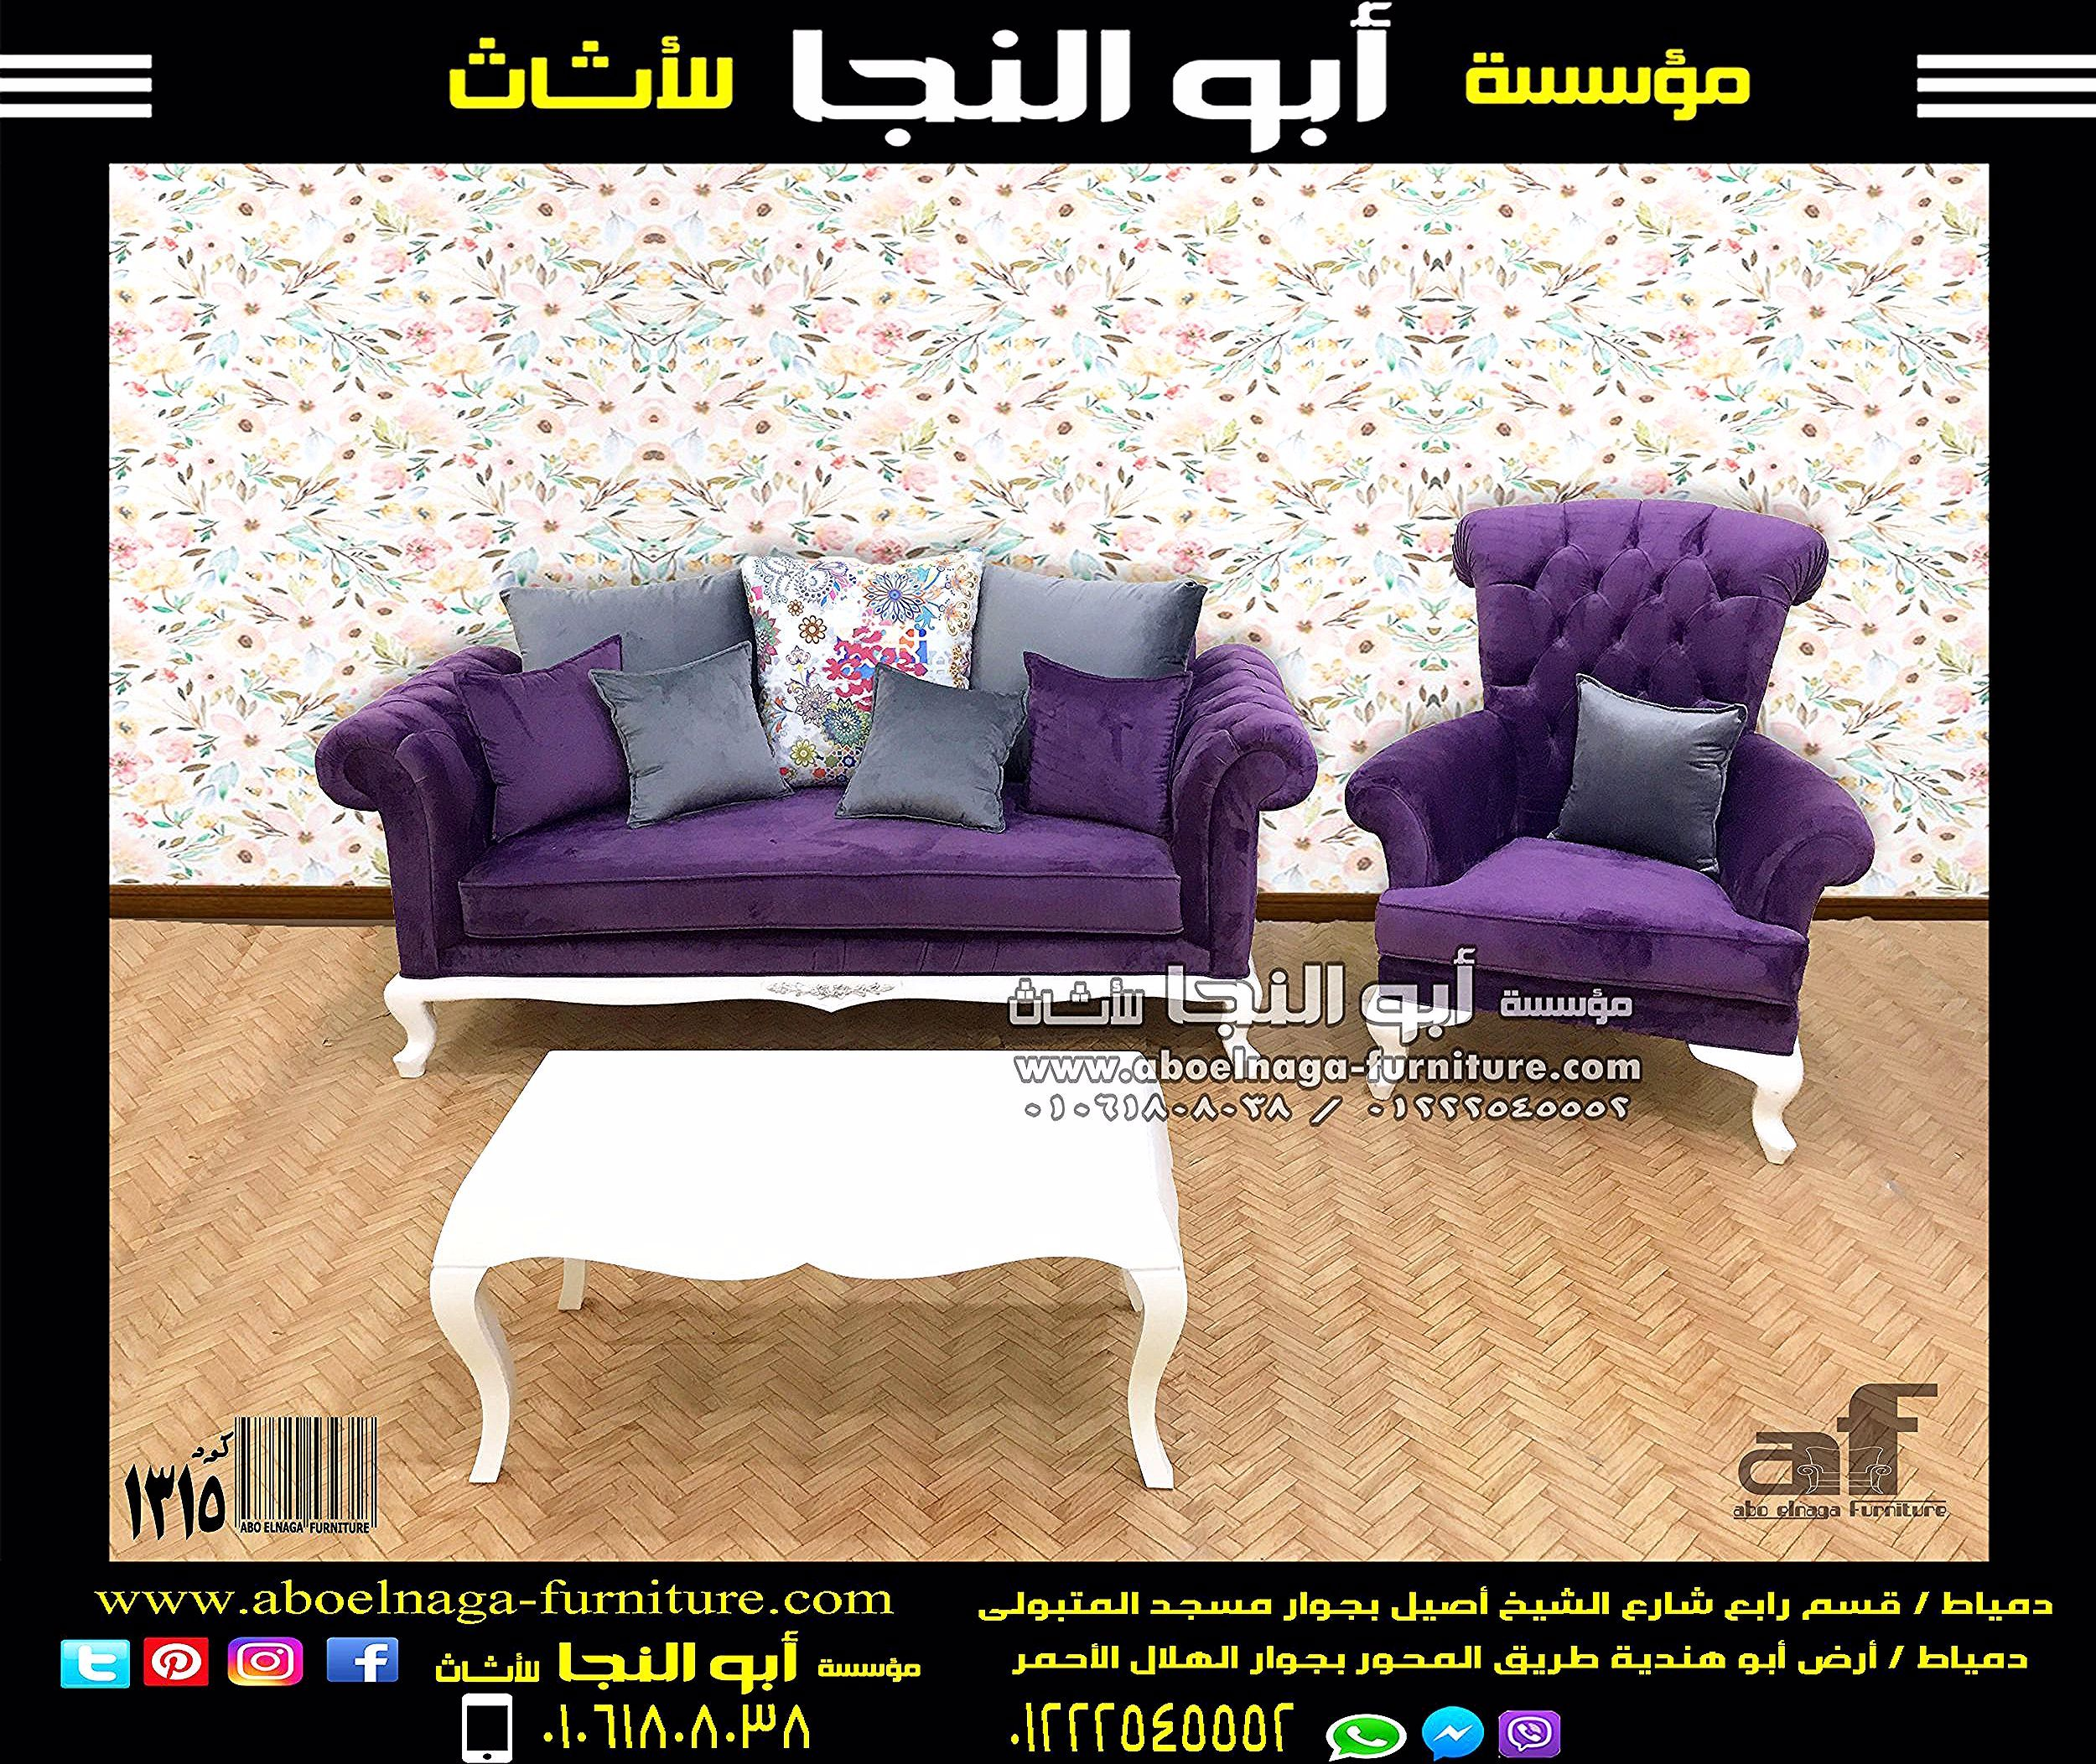 أصبحت تصاميم غرفة المعيشة البنفسجي أكثر انتشار ا في هذه الأيام خاصة إذا كان هناك مزيج من الألوان لكي تبدو الغرفة أكثر جمال ا ولإطل Home Decor Love Seat Couch